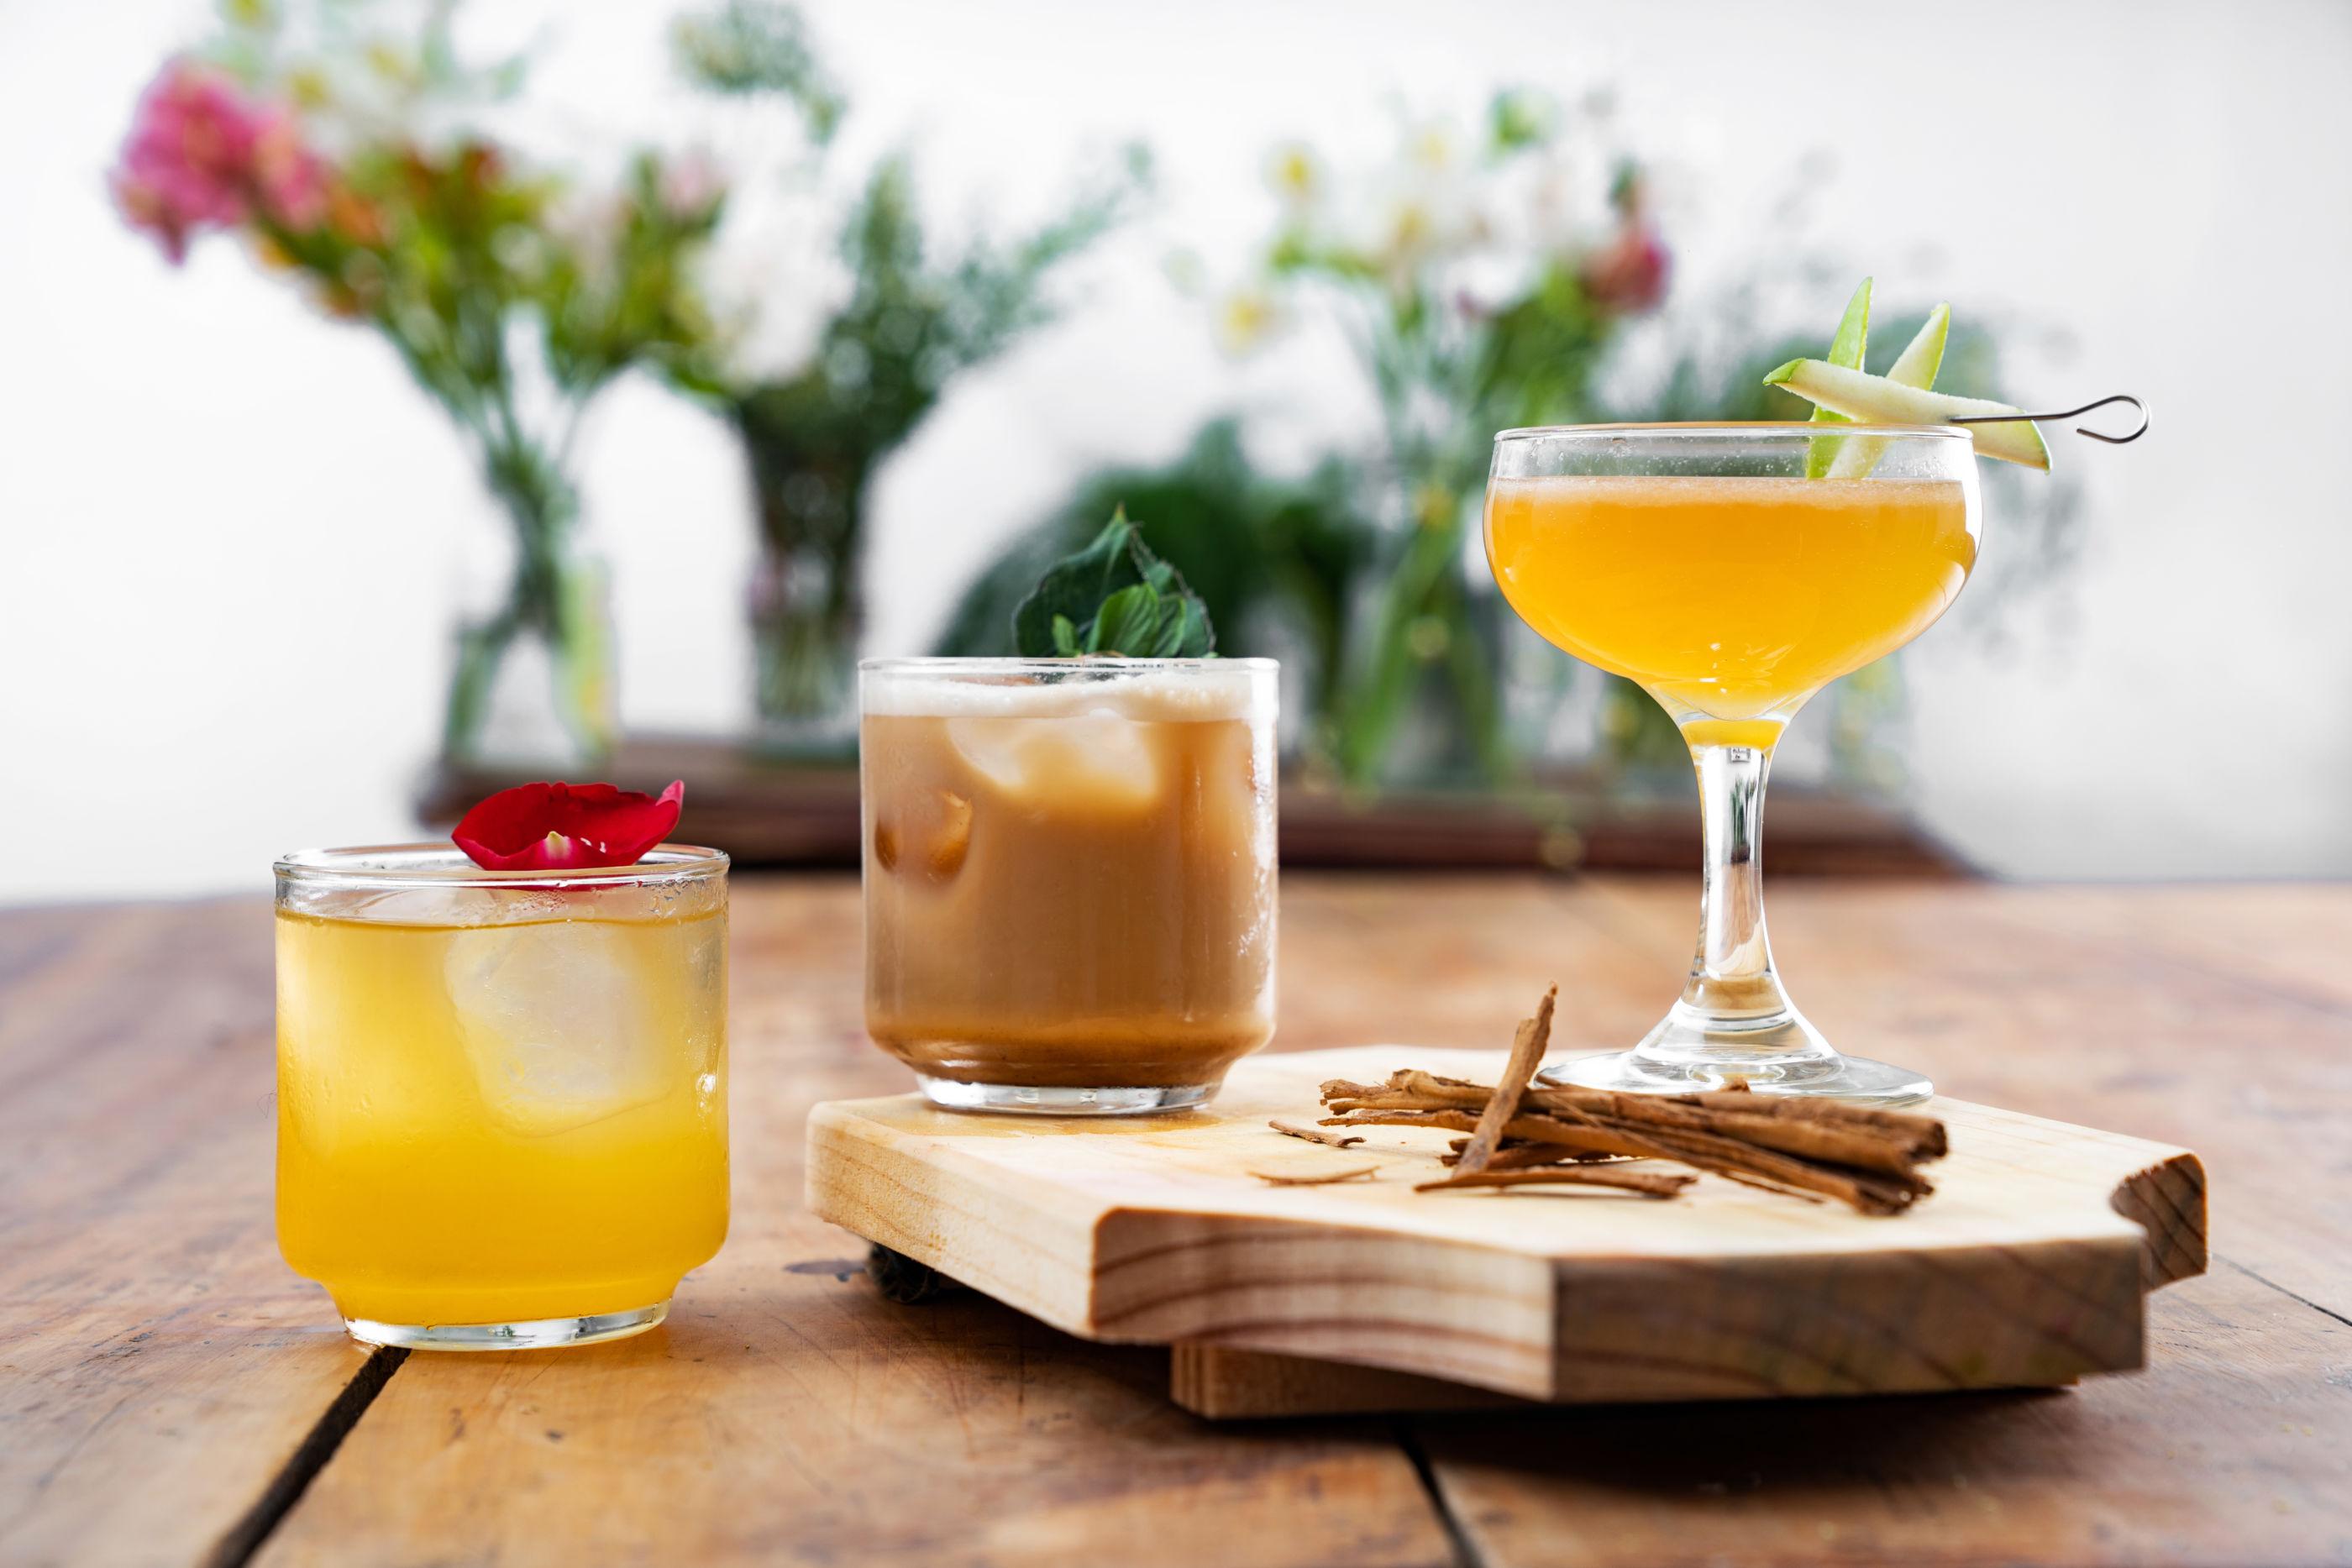 3 cócteles con whisky para consentir a mamá